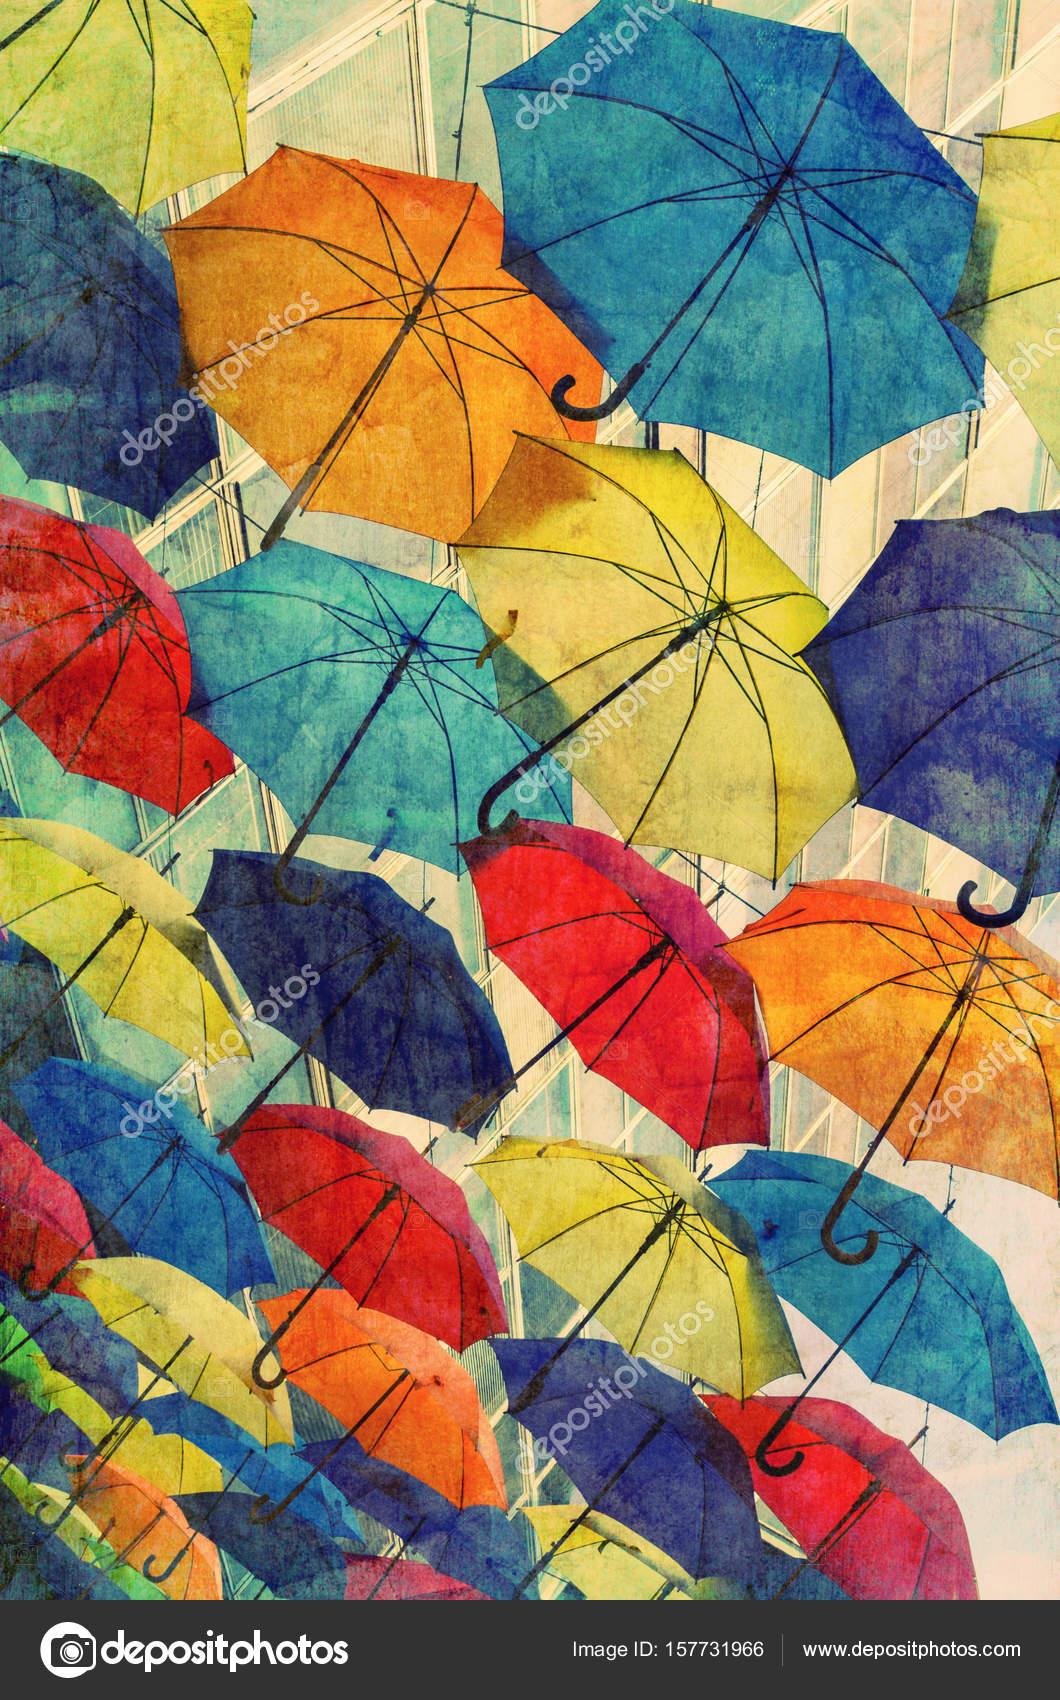 Viele Sonnenschirme färben den Himmel mit Grunge Texturen überlagert ...